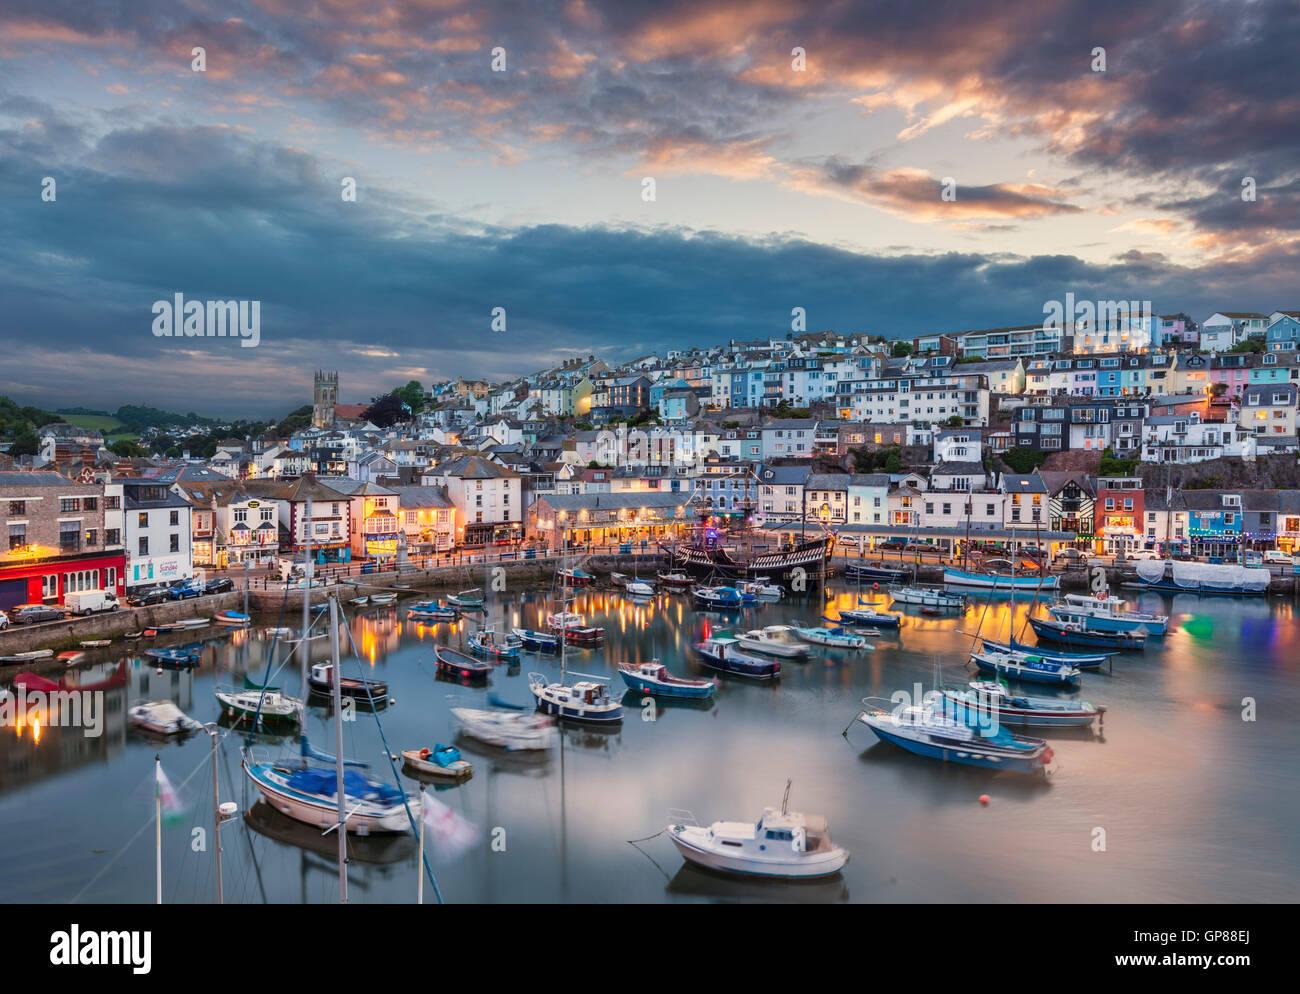 Brixham Harbour at sunset Brixham Devon England UK GB Europe Stock Photo